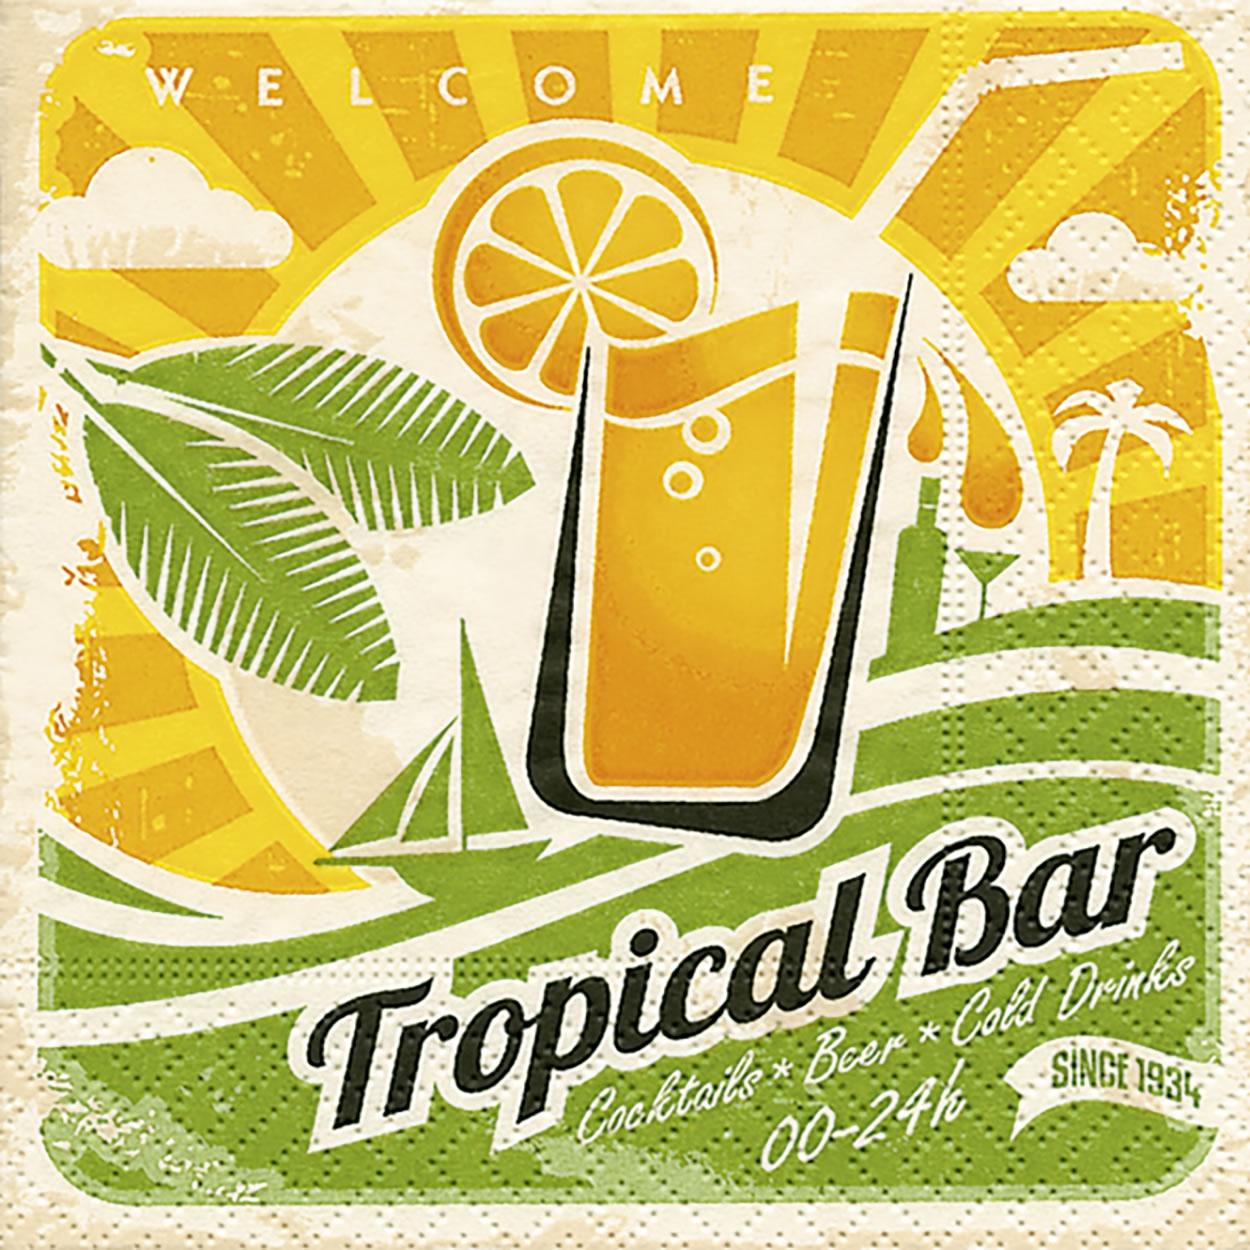 Cocktail Servietten Tropical bar